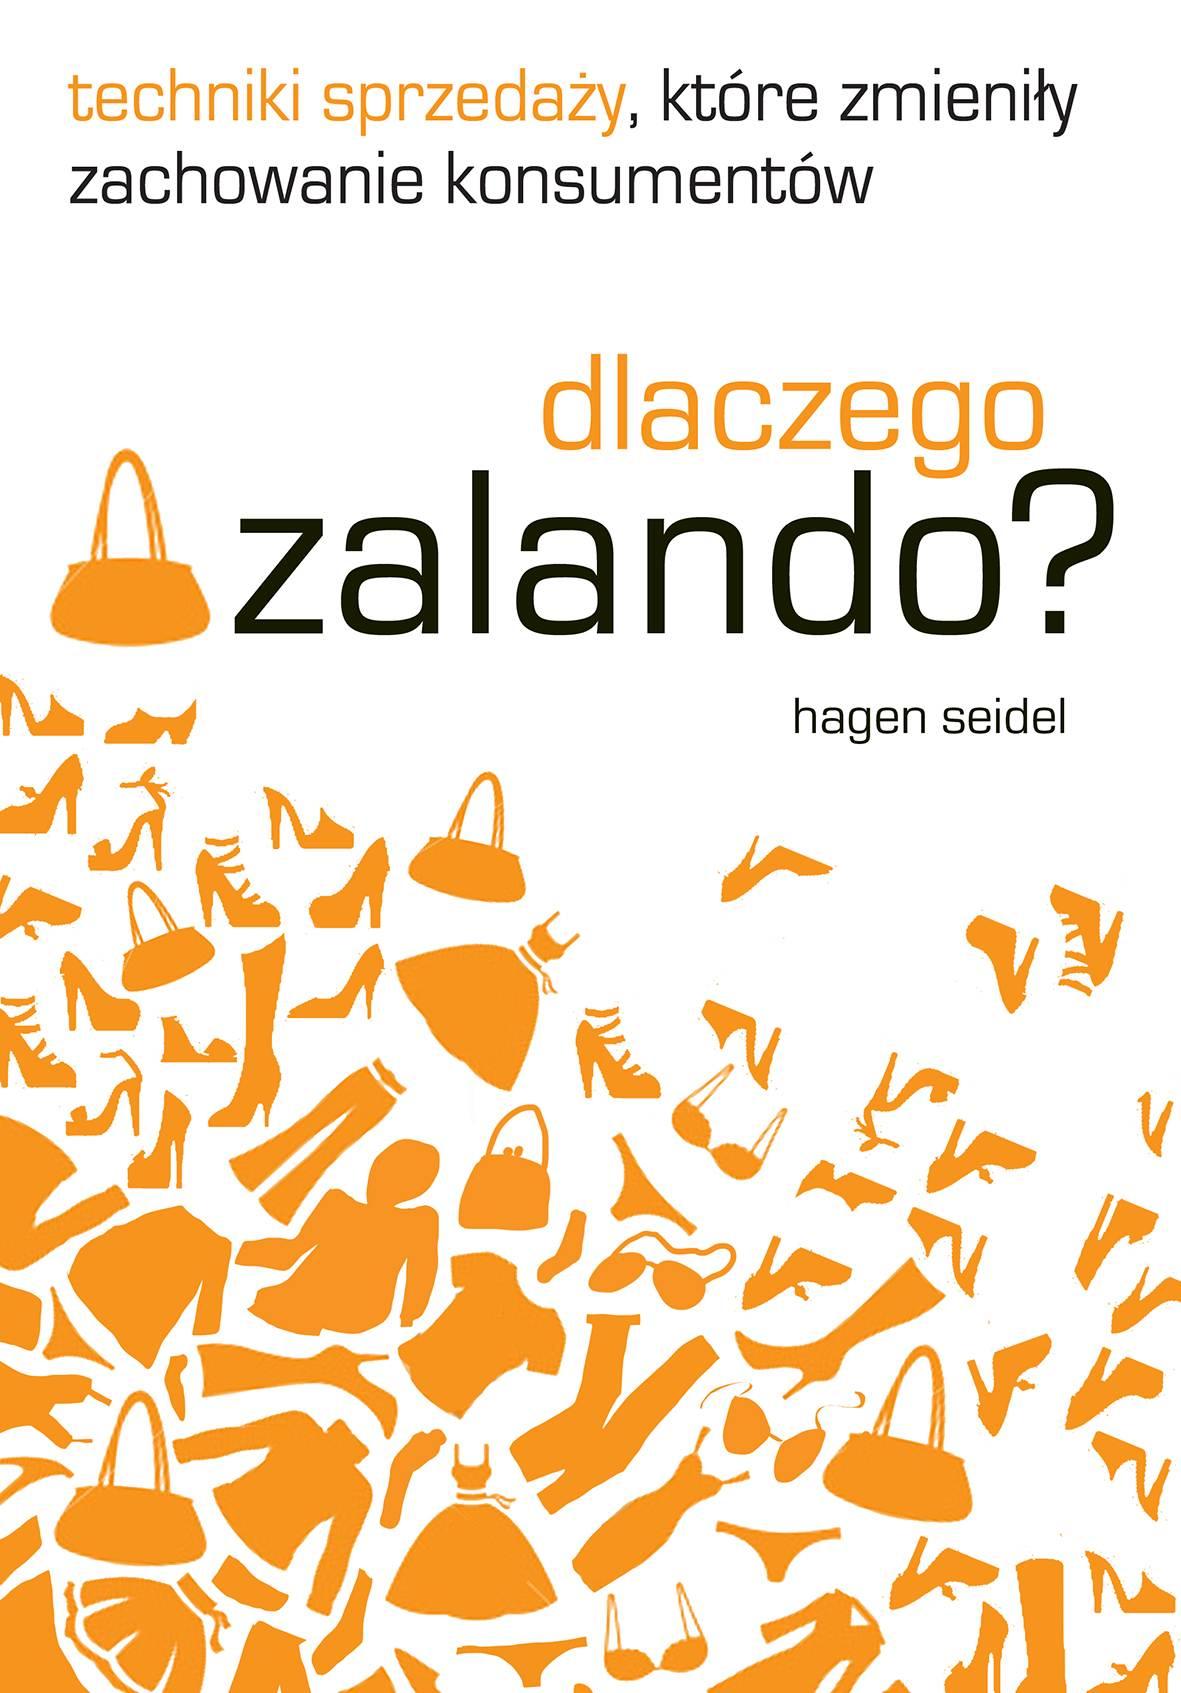 Dlaczego Zalando? Techniki sprzedaży, które zmieniły zachowanie konsumentów - Ebook (Książka na Kindle) do pobrania w formacie MOBI